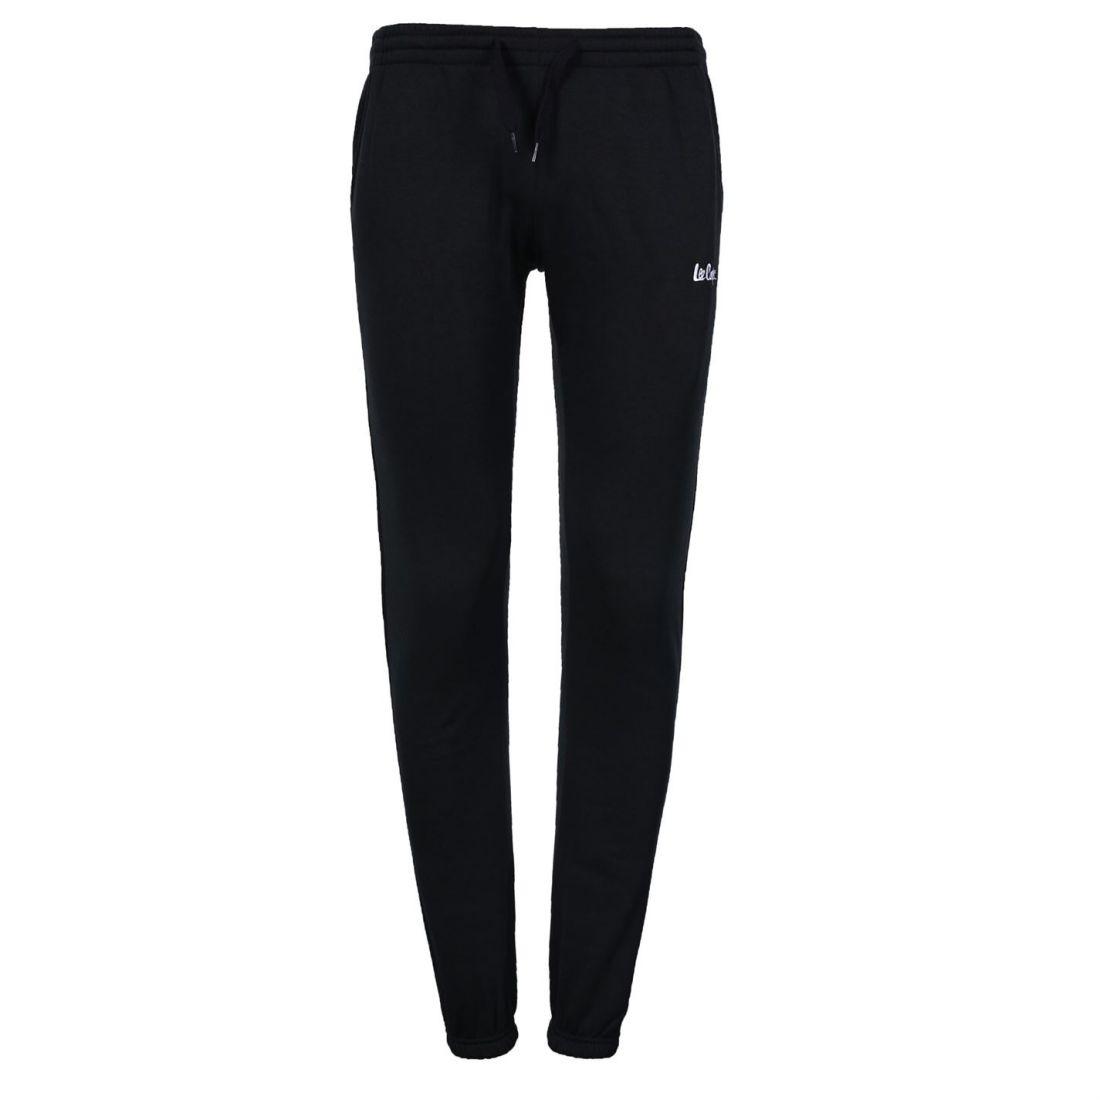 dd1c7829 Lee Cooper Slim Sweatpants Ladies Fleece Jogging Bottoms Trousers ...